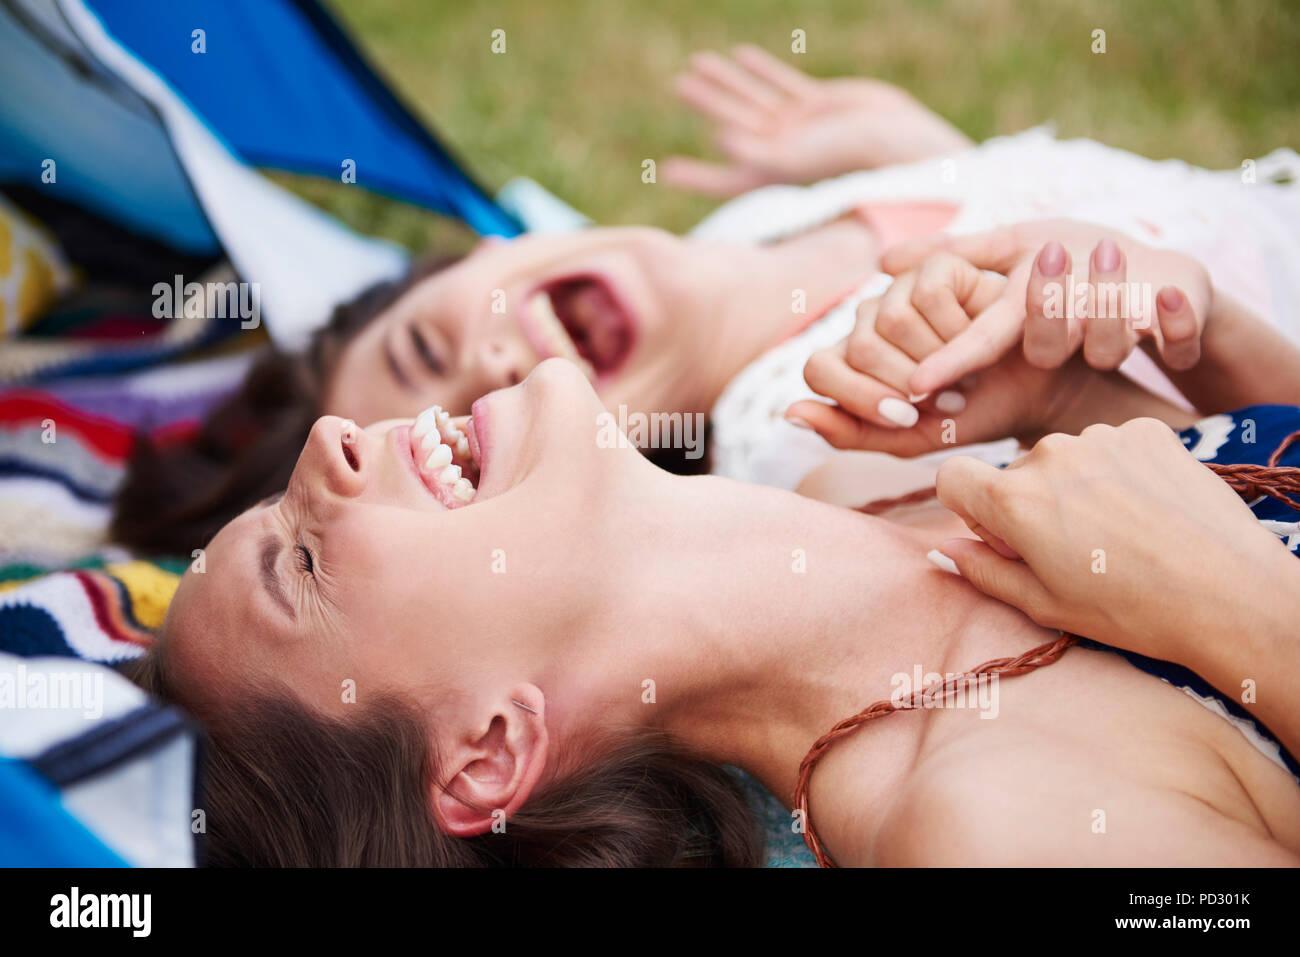 Les amis étendue sur le sol, rire et profiter de music festival Photo Stock